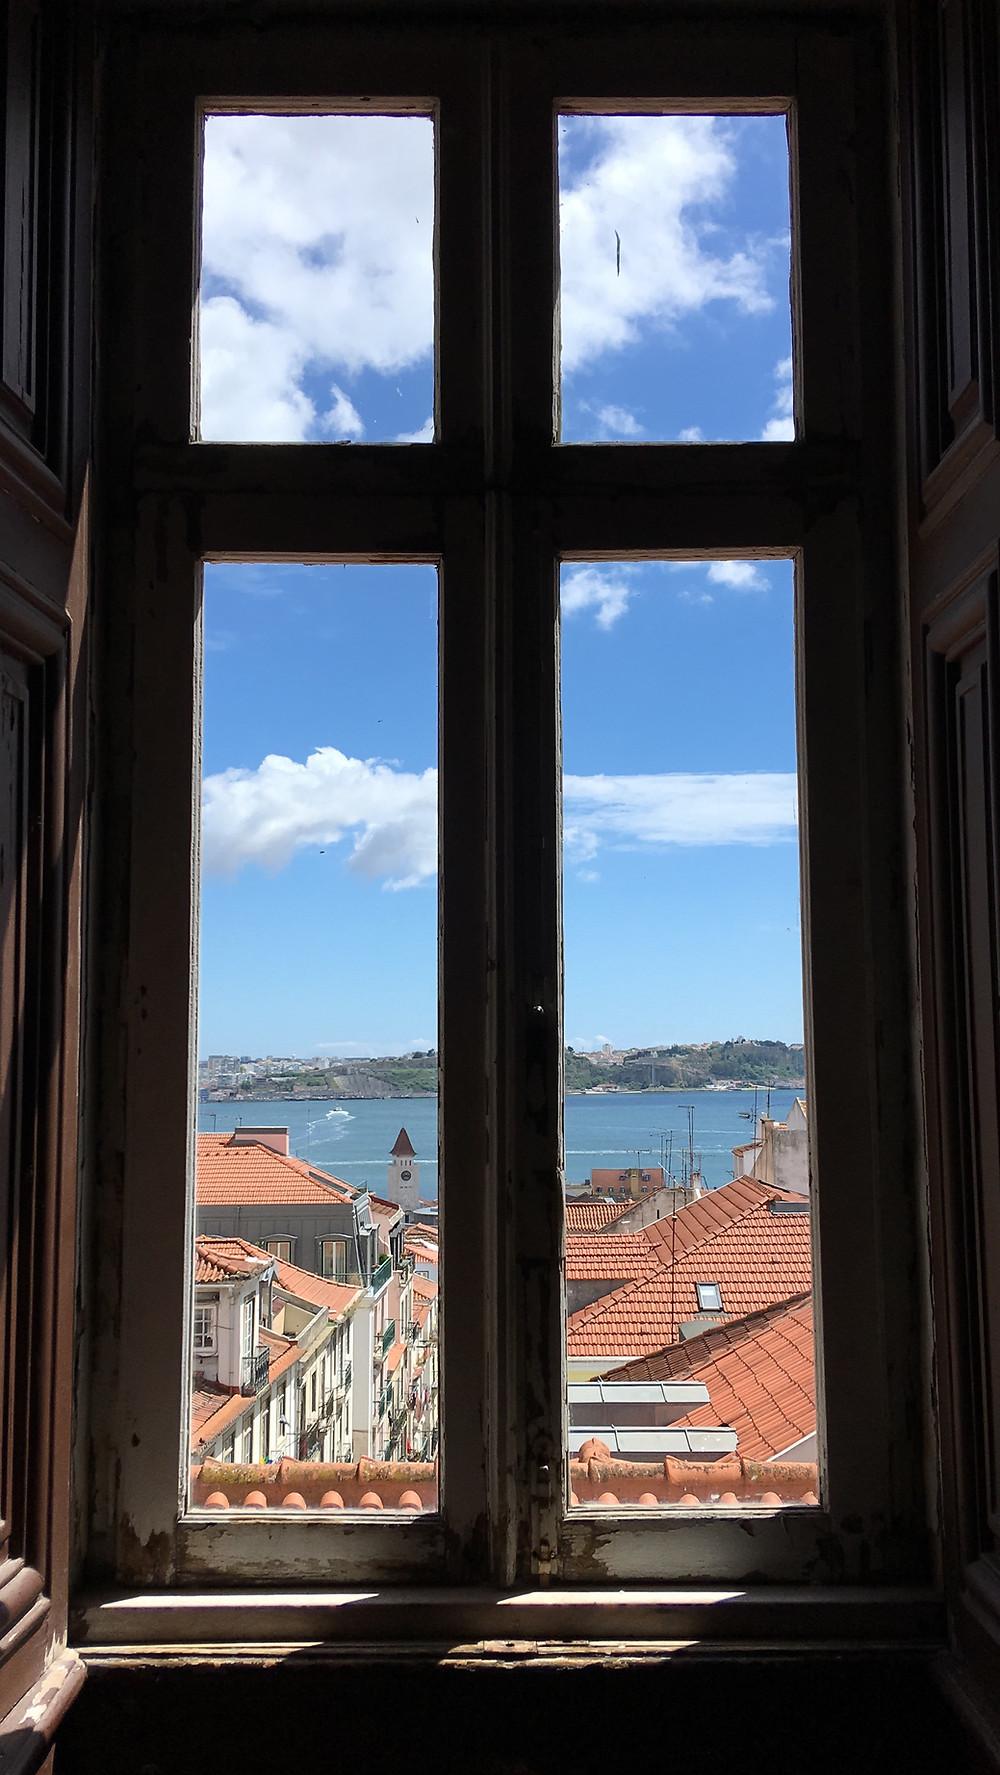 Lisbonne après le confinement - Voyage à Lisbonne blog